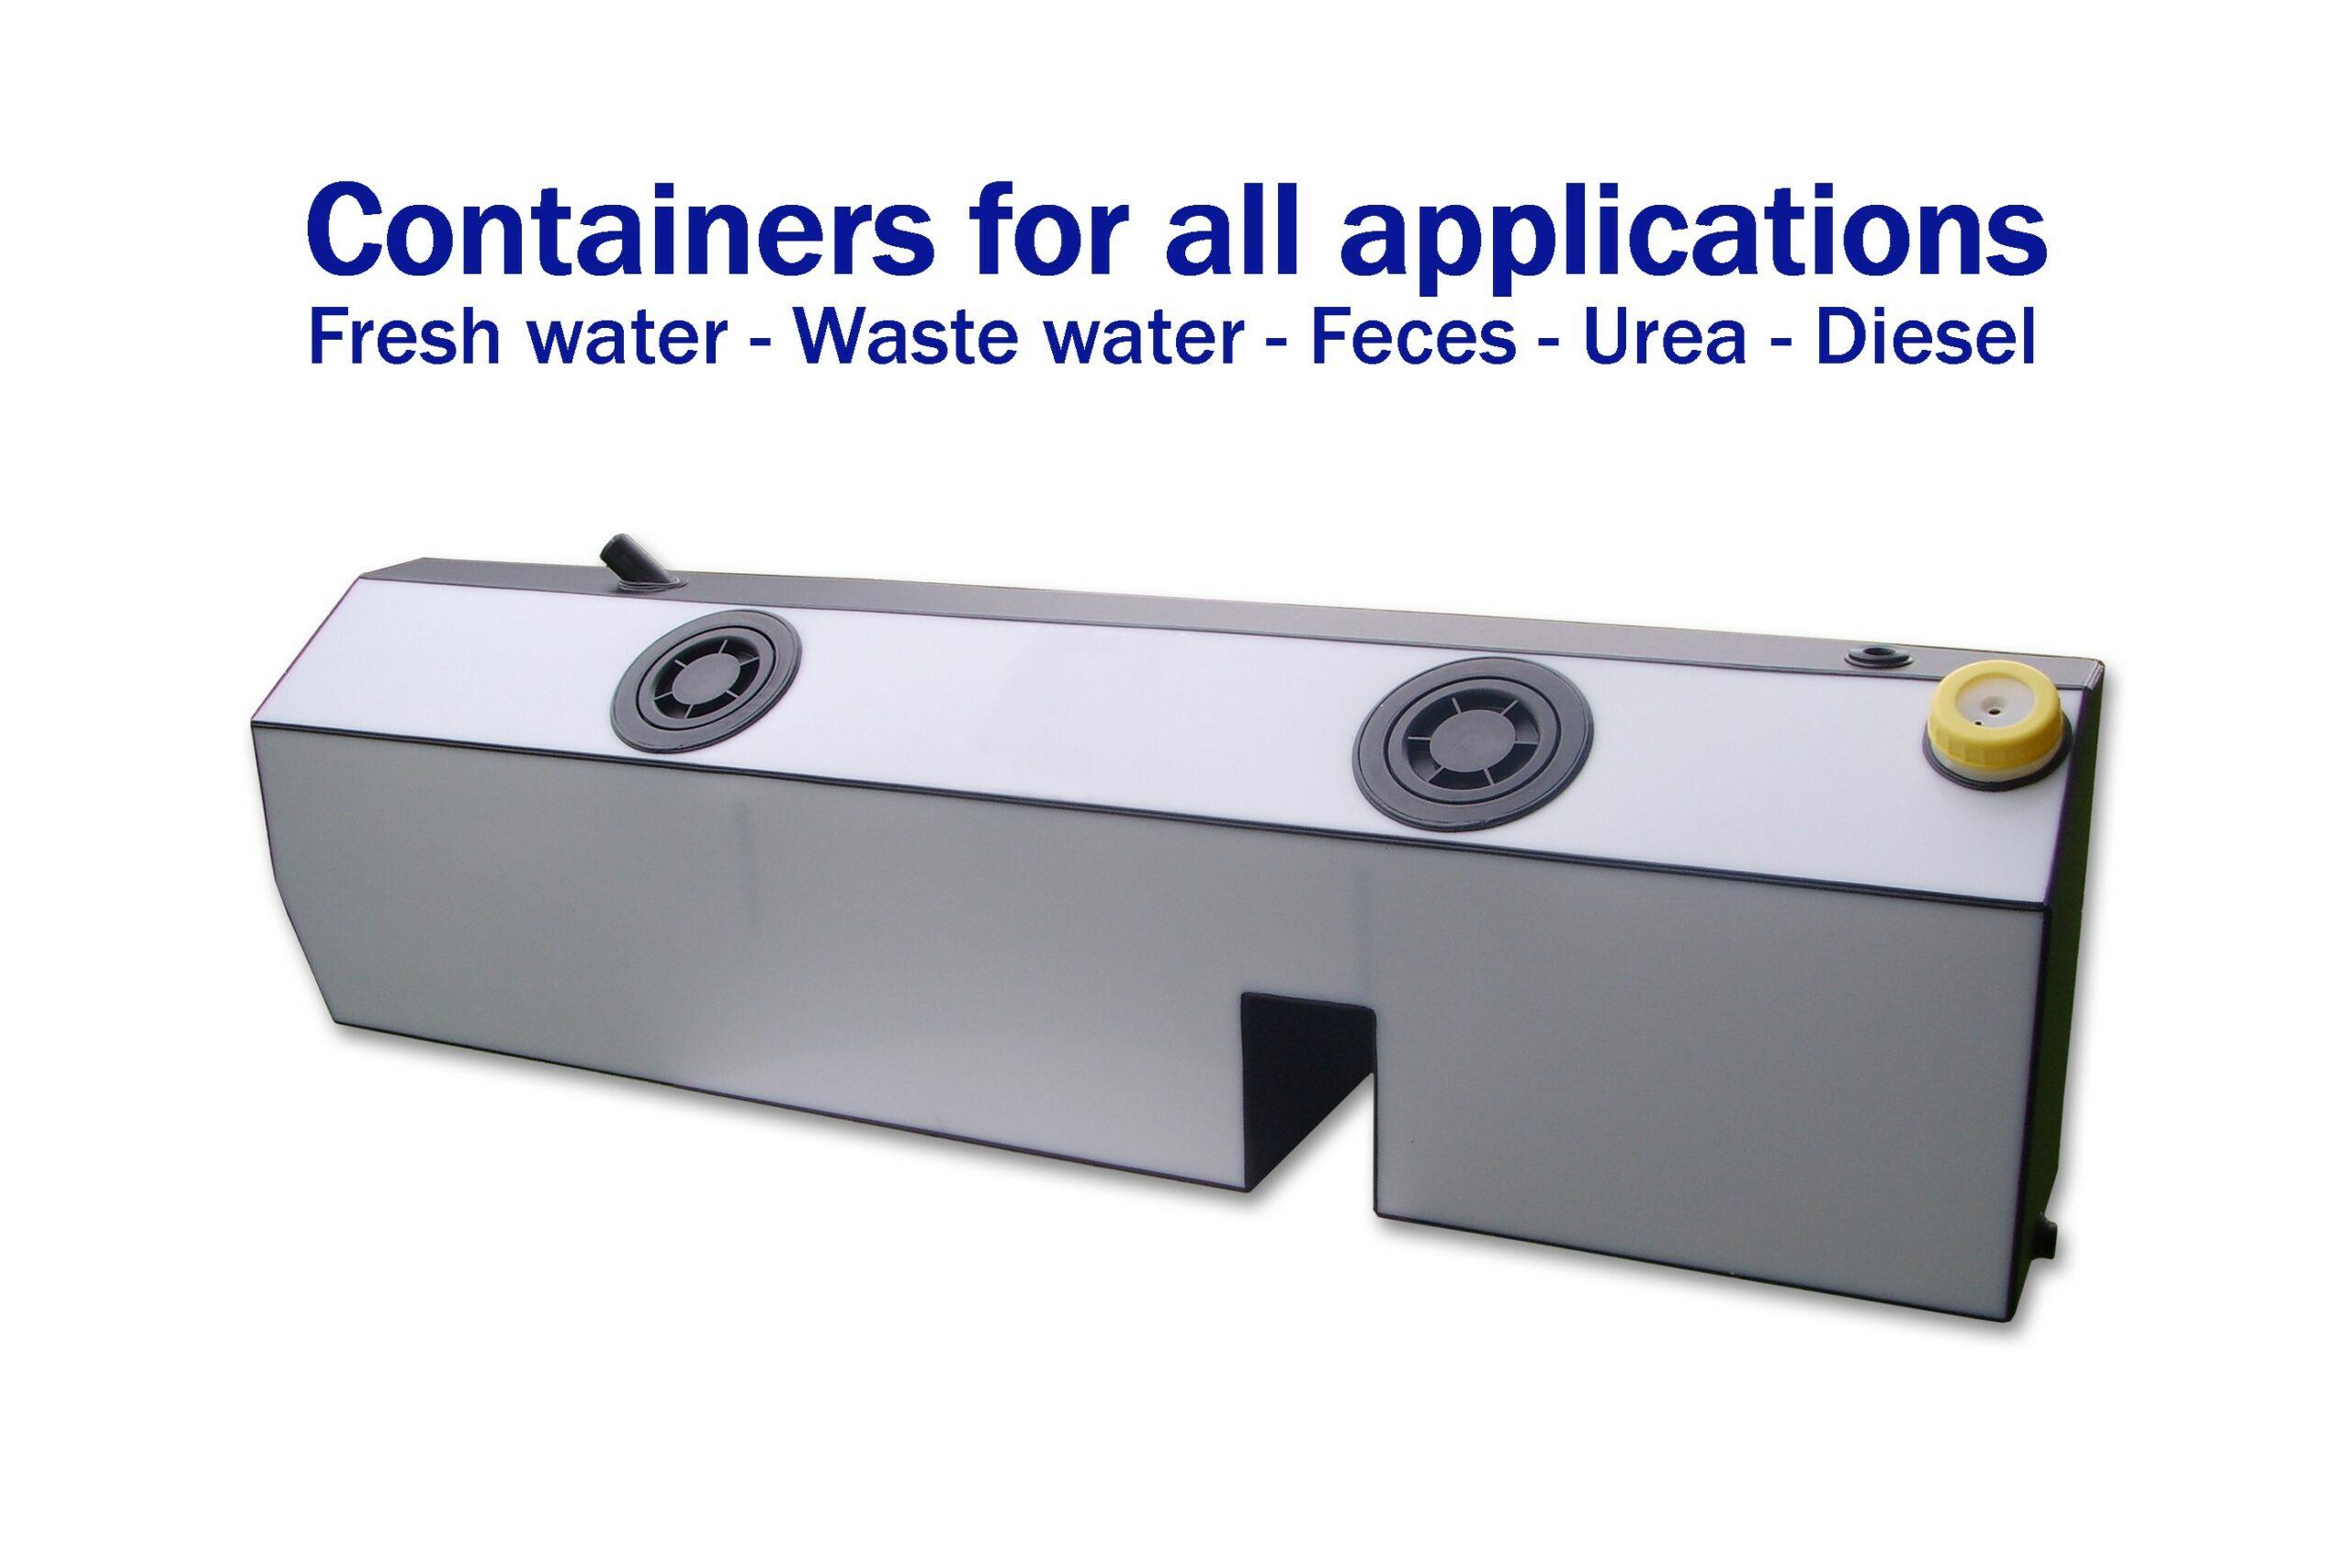 Sonderanfertigung von Frischwasser-, Abwasser-, Fäkalien-, Harnstoff- und Dieseltanks aus Kunststoff für Ihr Boot oder Wohnmobil.